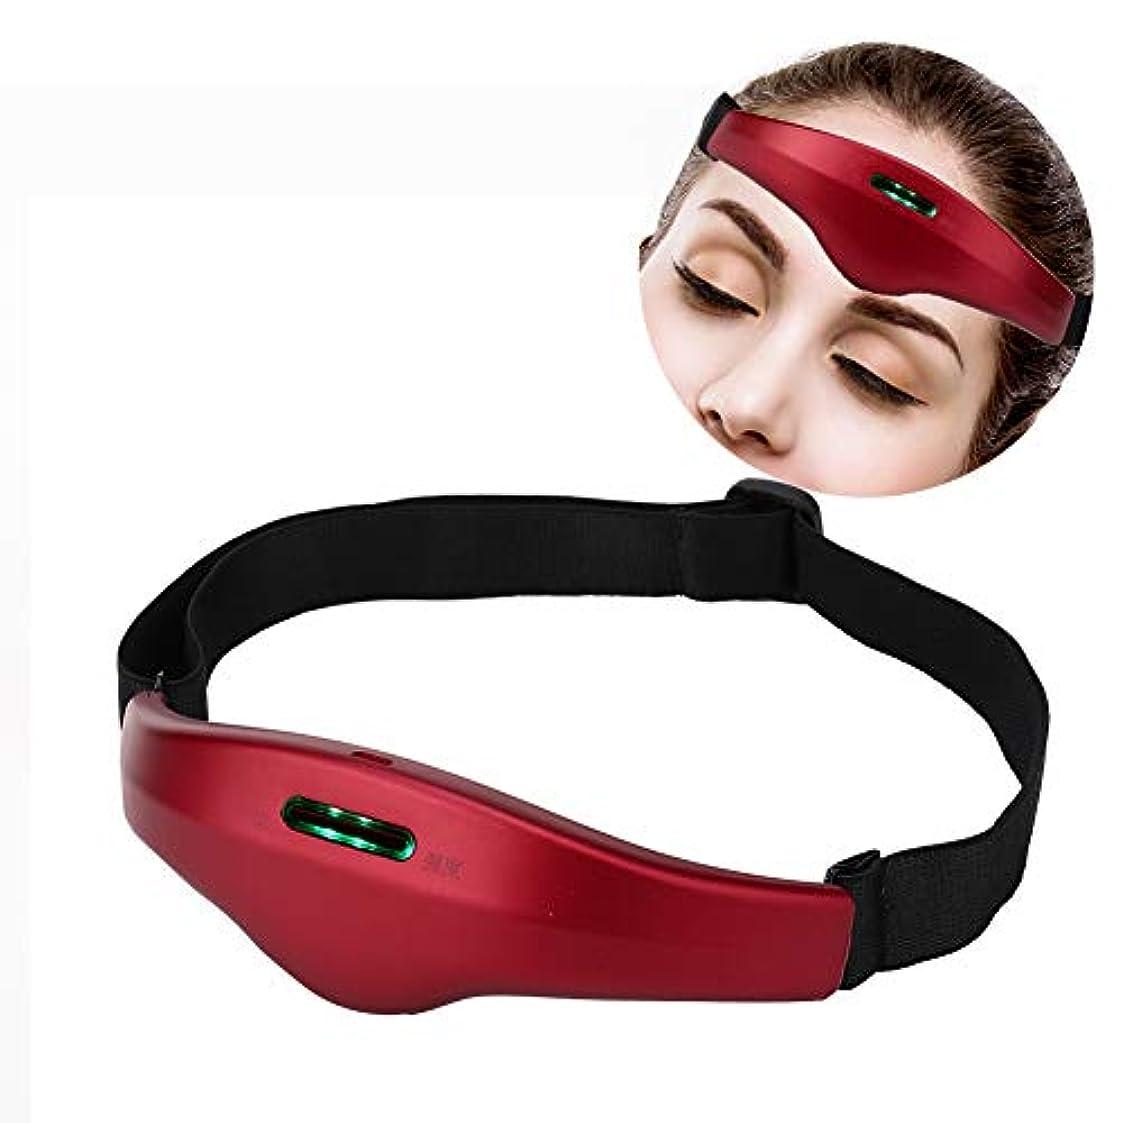 ボウリング応じる自治電気ヘッドマッサージャー、ストレス解消のためのコントロールネックマッサージャーとより良い睡眠の声インテリジェント睡眠マッサージ装置(Vermilion Red)